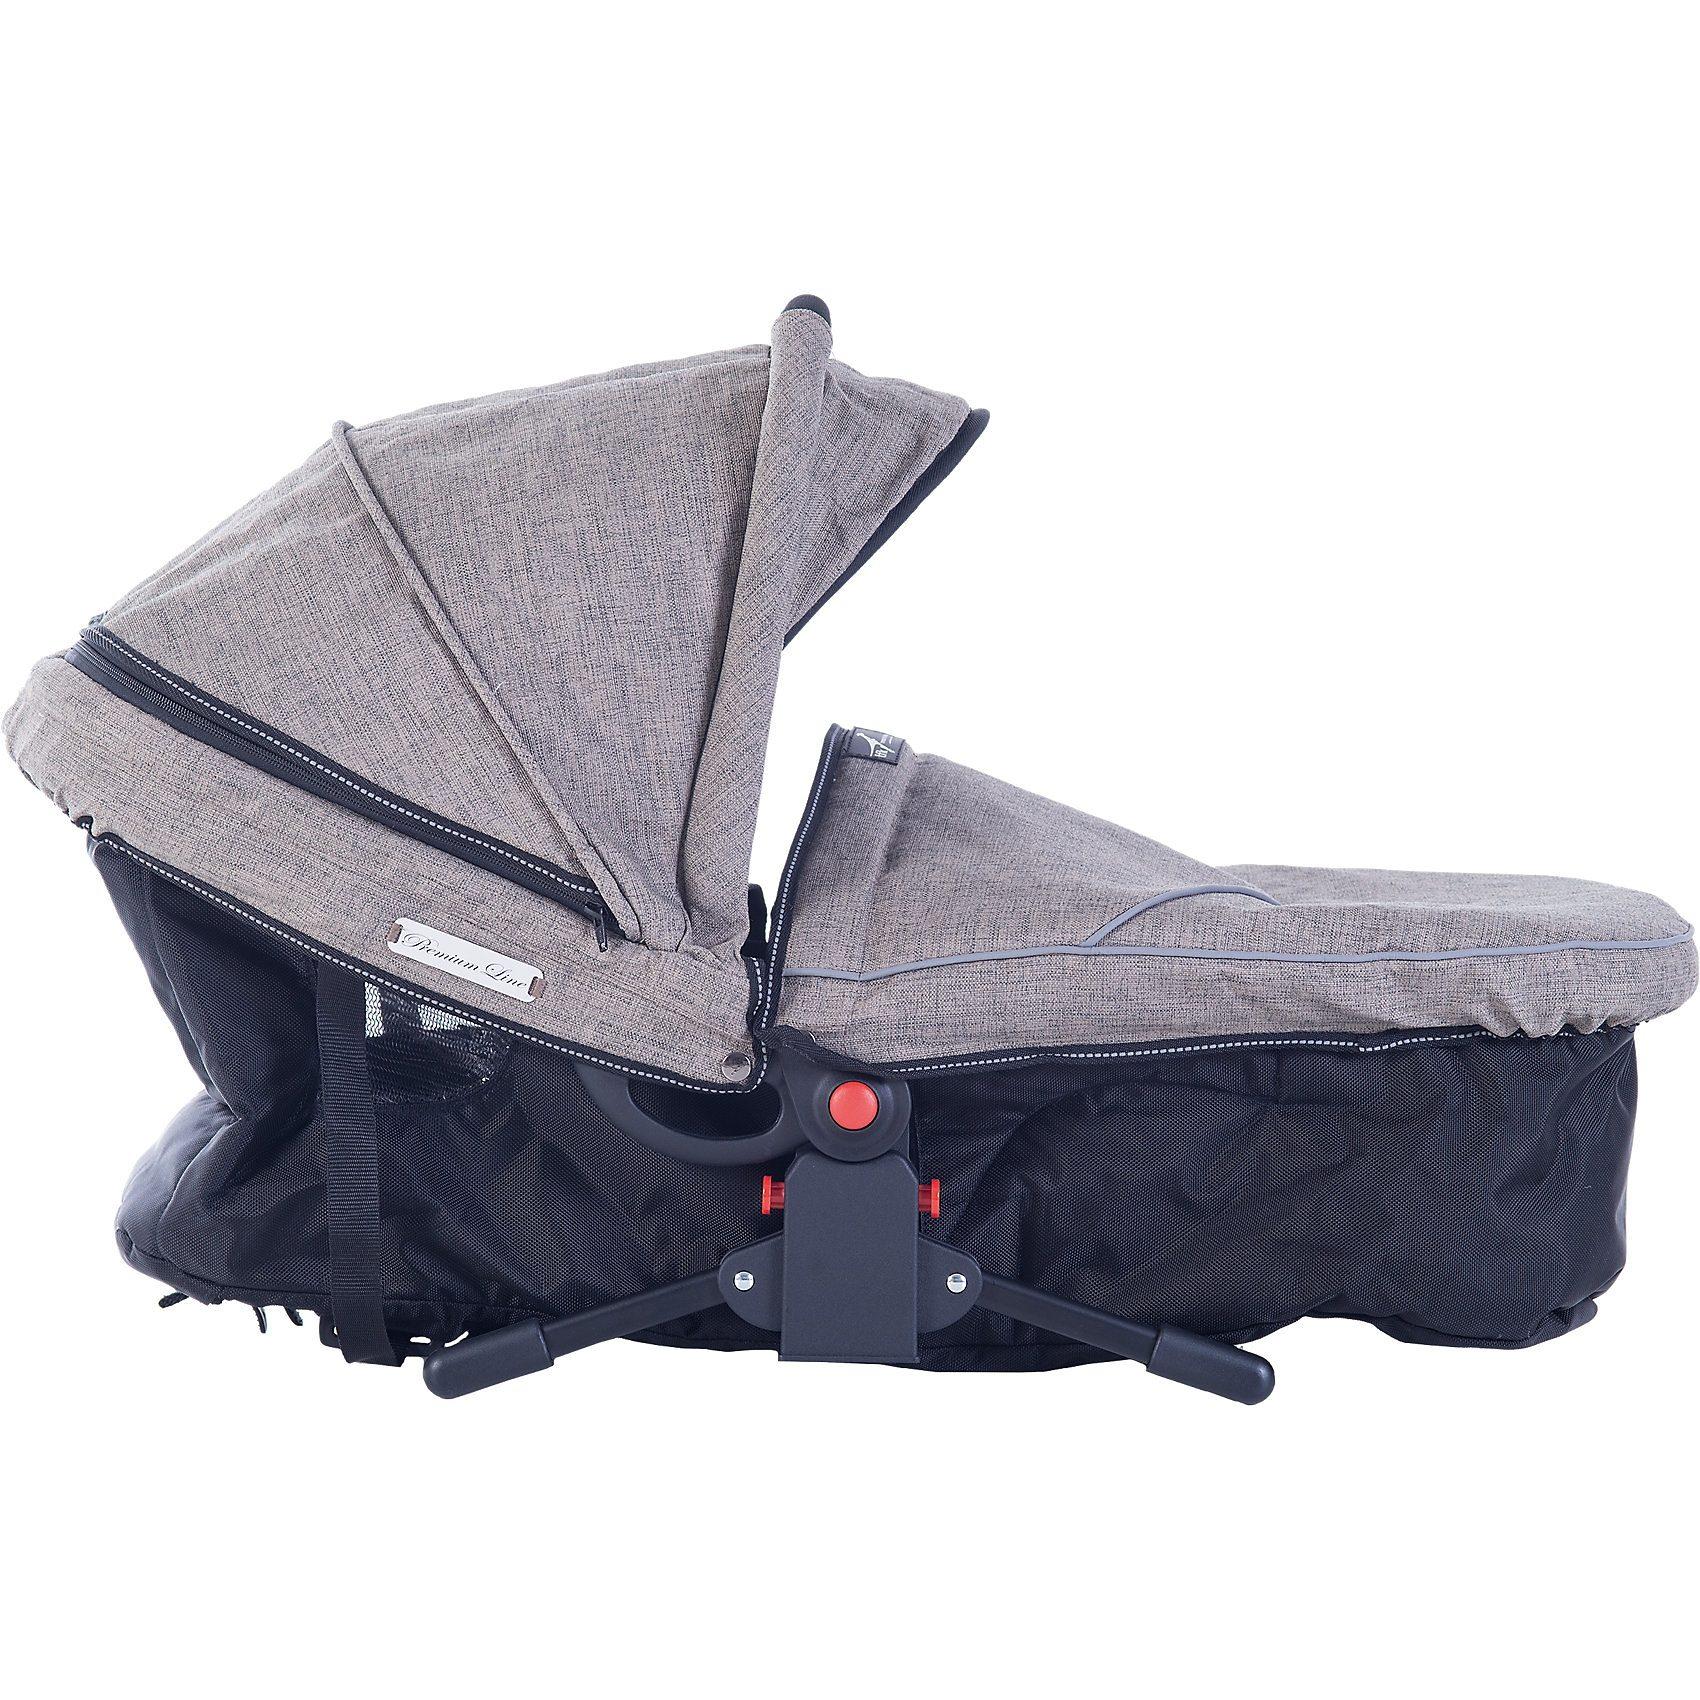 TFK Kinderwagenaufsatz Multi X, Premium, schlamm